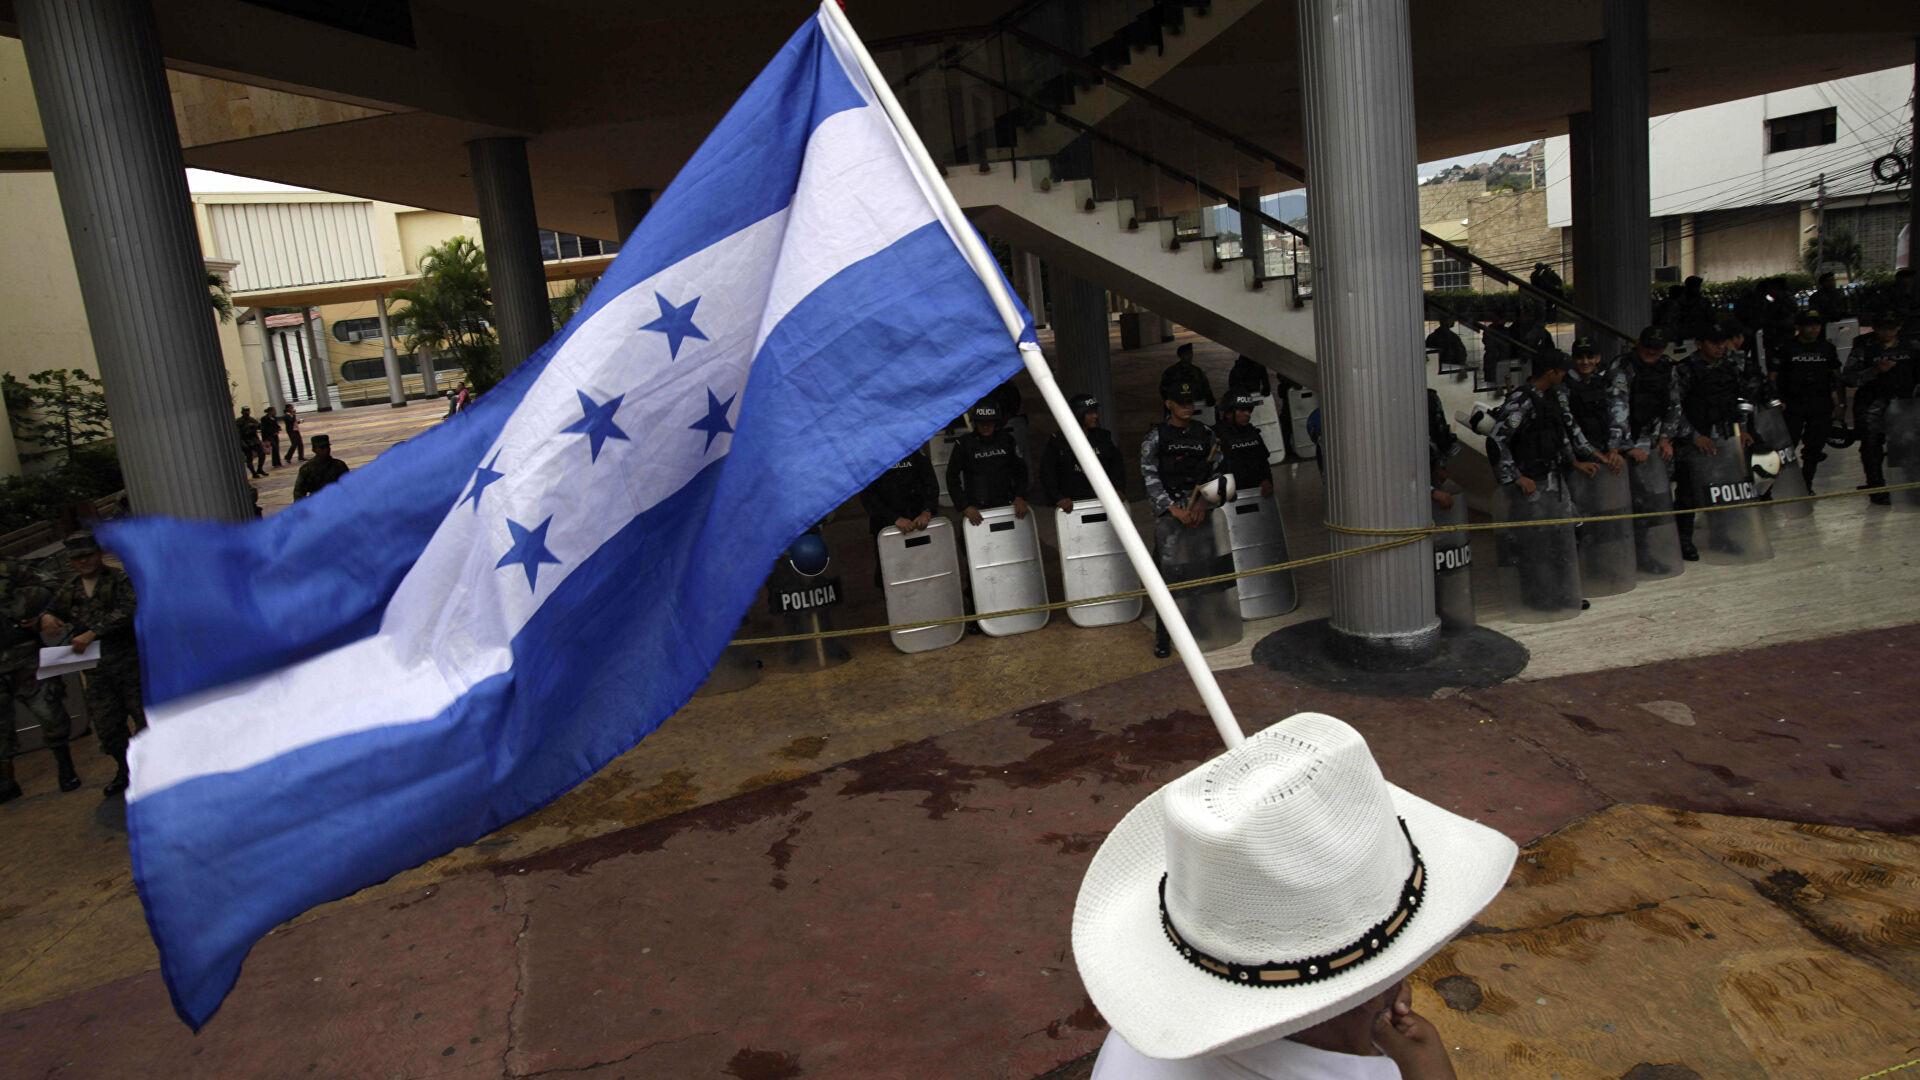 Honduras devorada por dentro y por fuera People's Dispatch yCOPINH | Instituto Tricontinental de Investigación Social